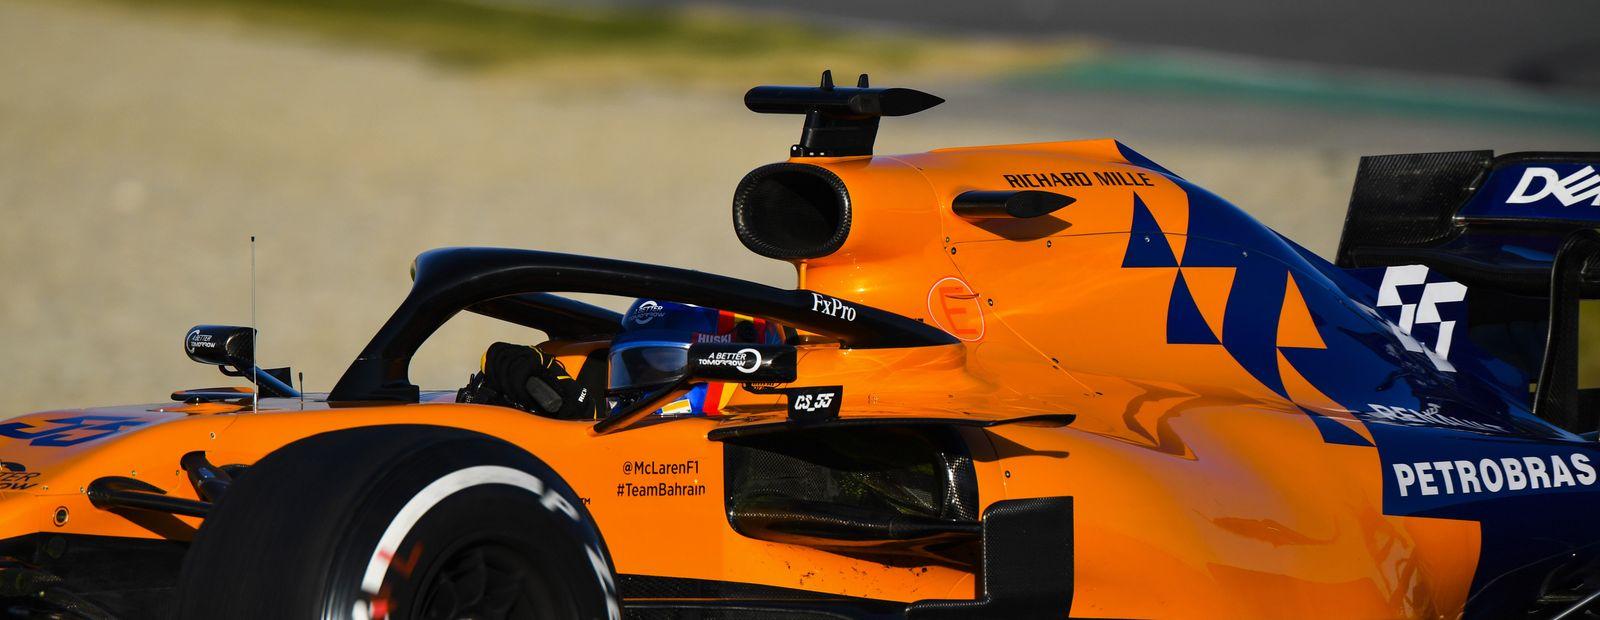 McLaren Racing confirms start date for James Key